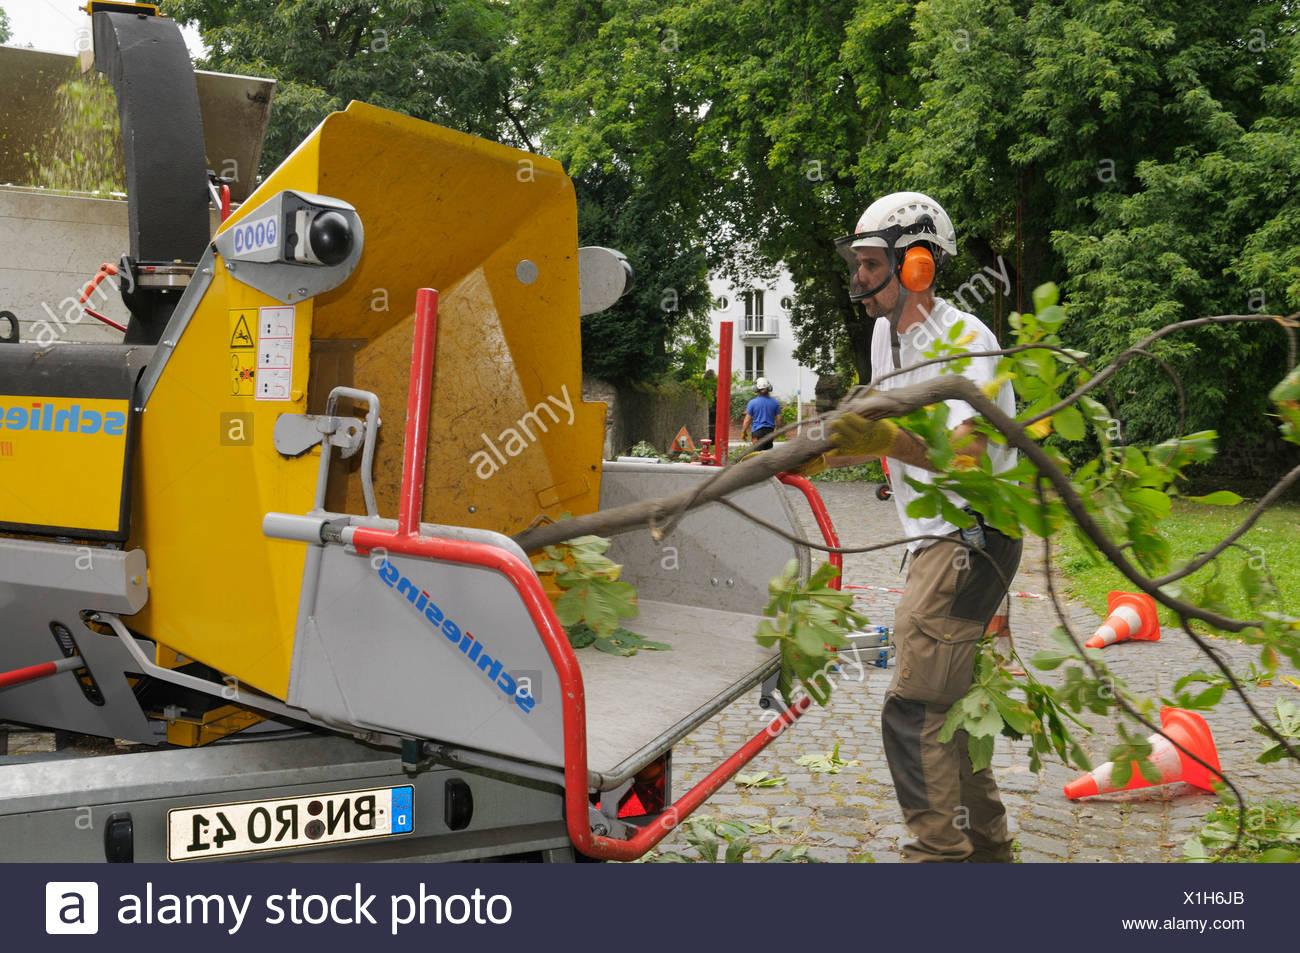 Porter des vêtements de sécurité de l'arboriculteur poussant une branche dans une déchiqueteuse Photo Stock